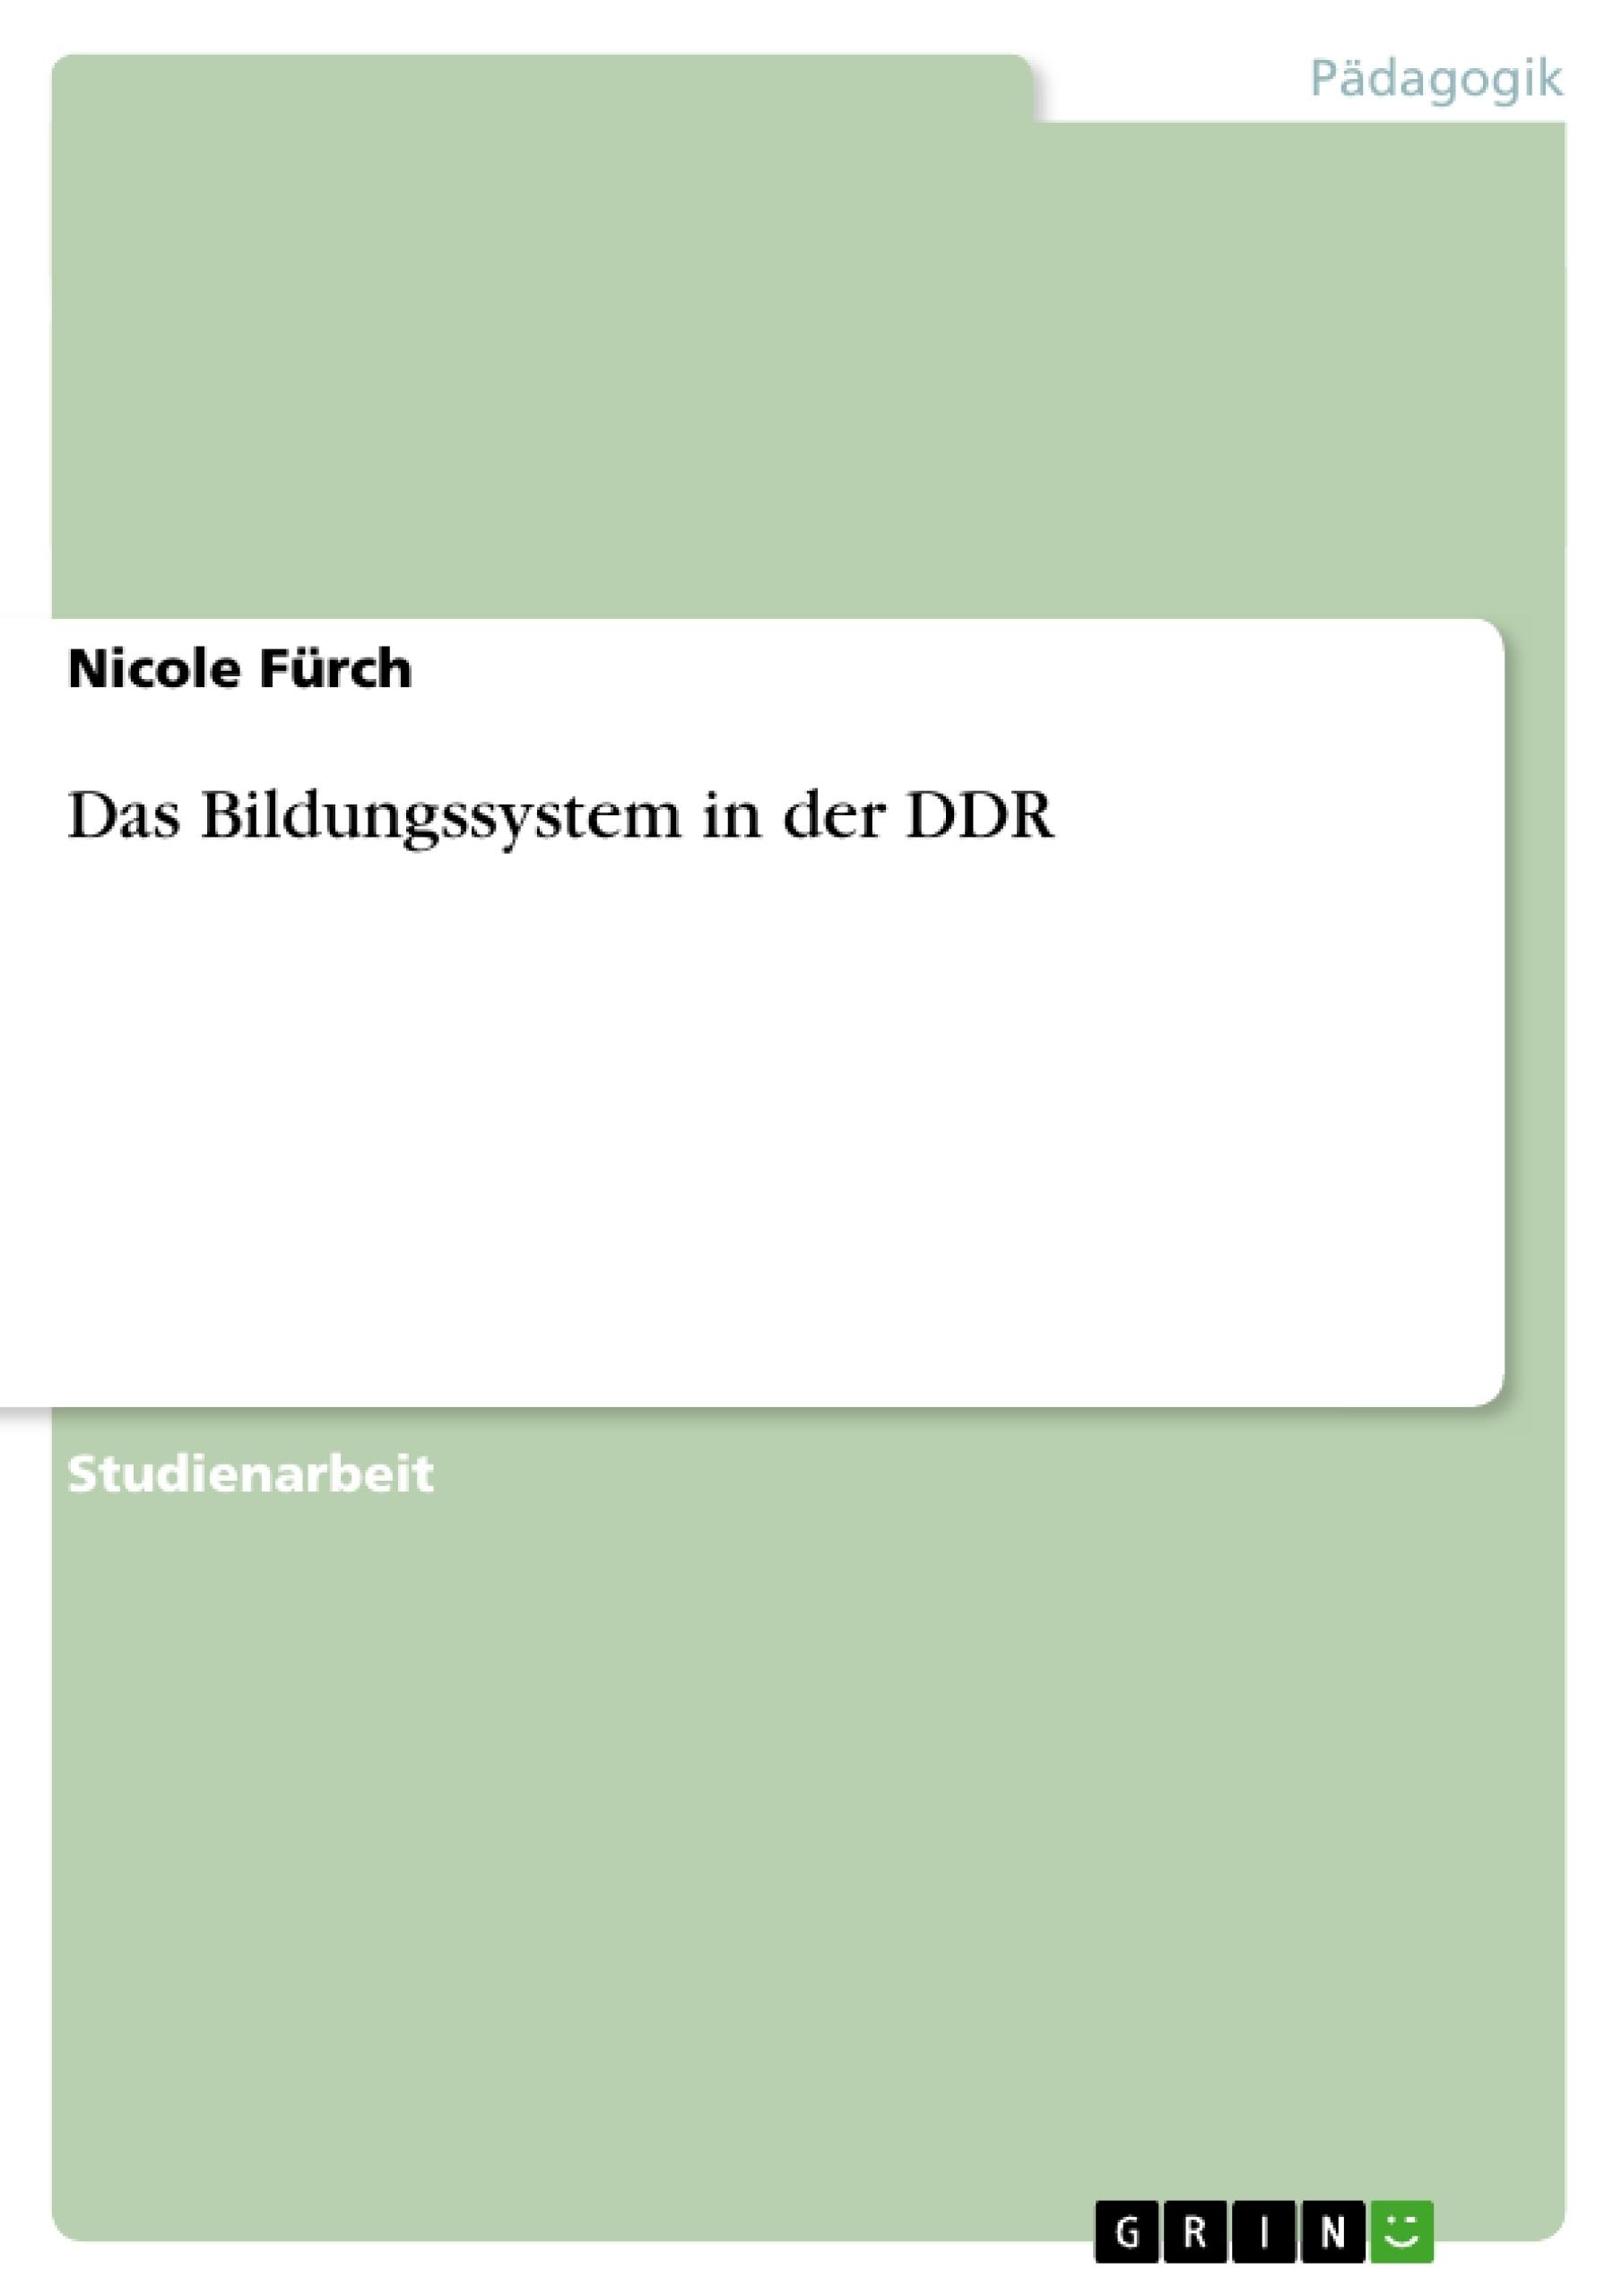 Titel: Das Bildungssystem in der DDR